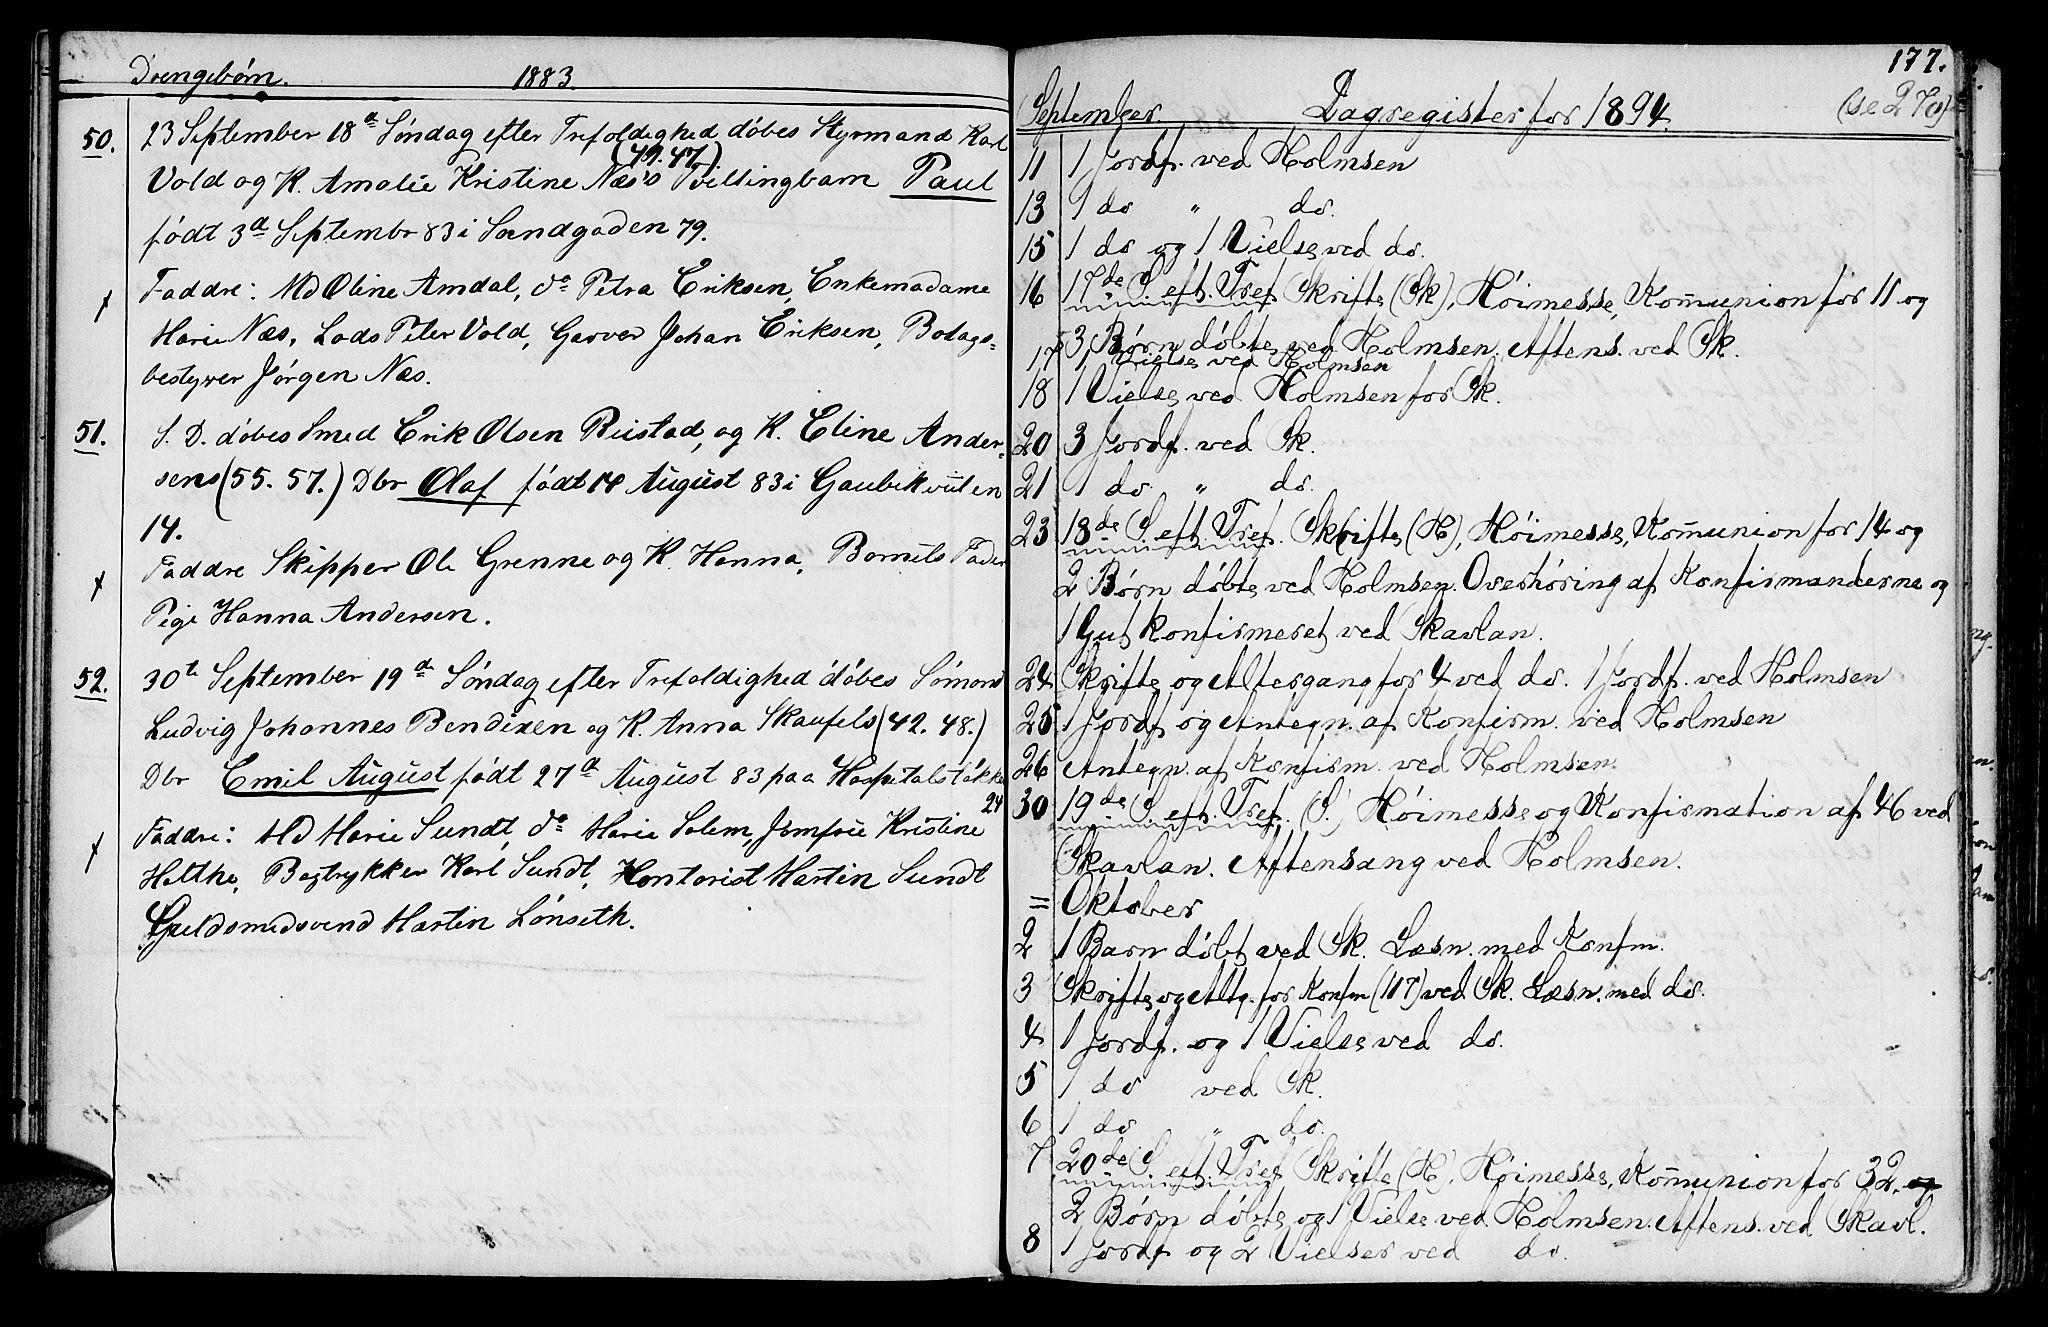 SAT, Ministerialprotokoller, klokkerbøker og fødselsregistre - Sør-Trøndelag, 602/L0142: Klokkerbok nr. 602C10, 1872-1894, s. 177